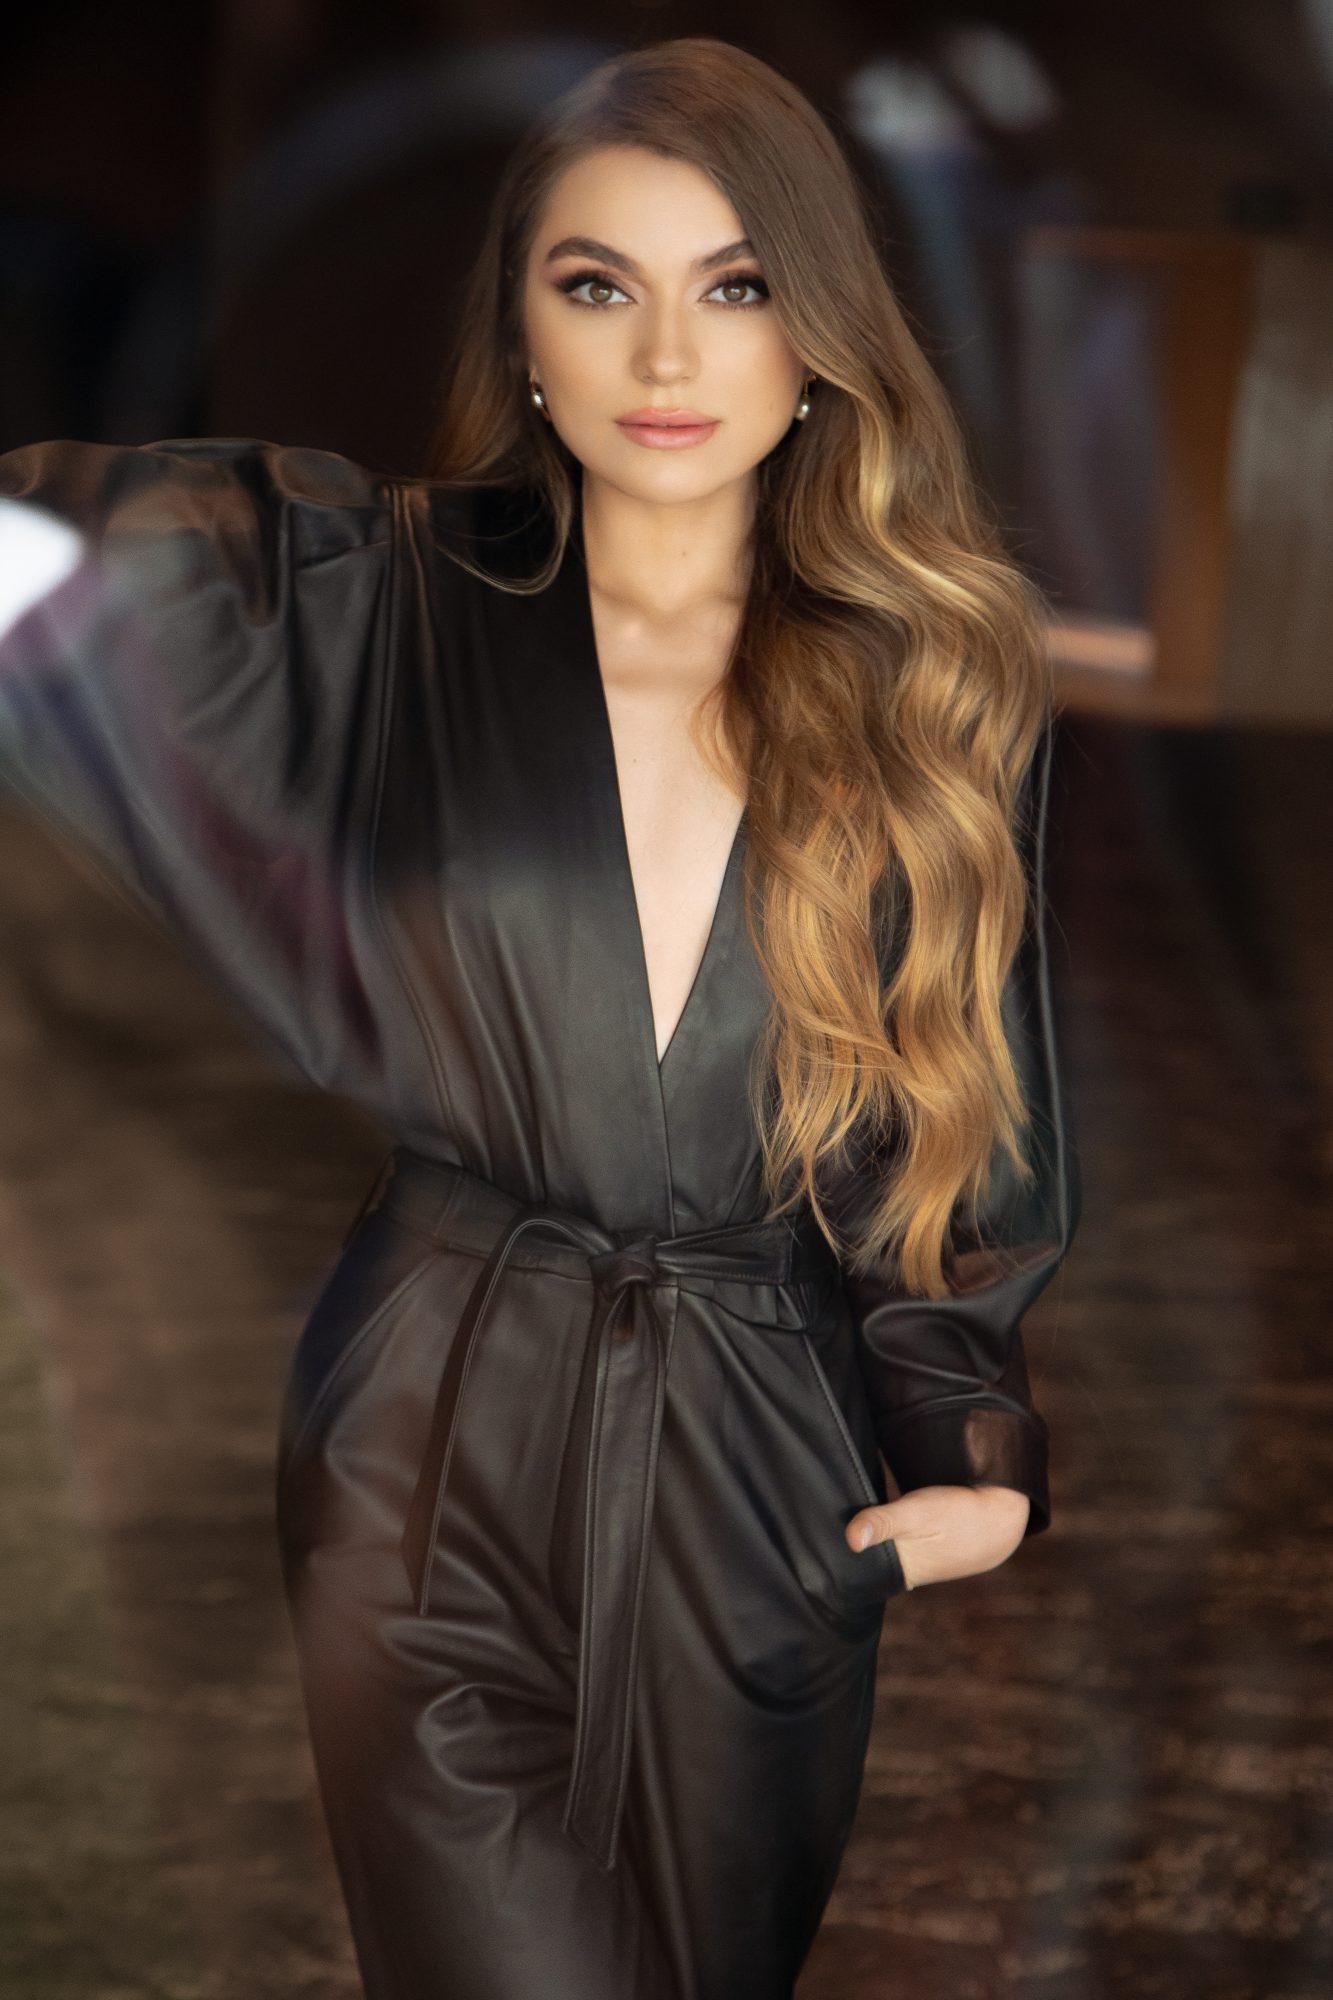 Sofia Castro, secretos de belleza